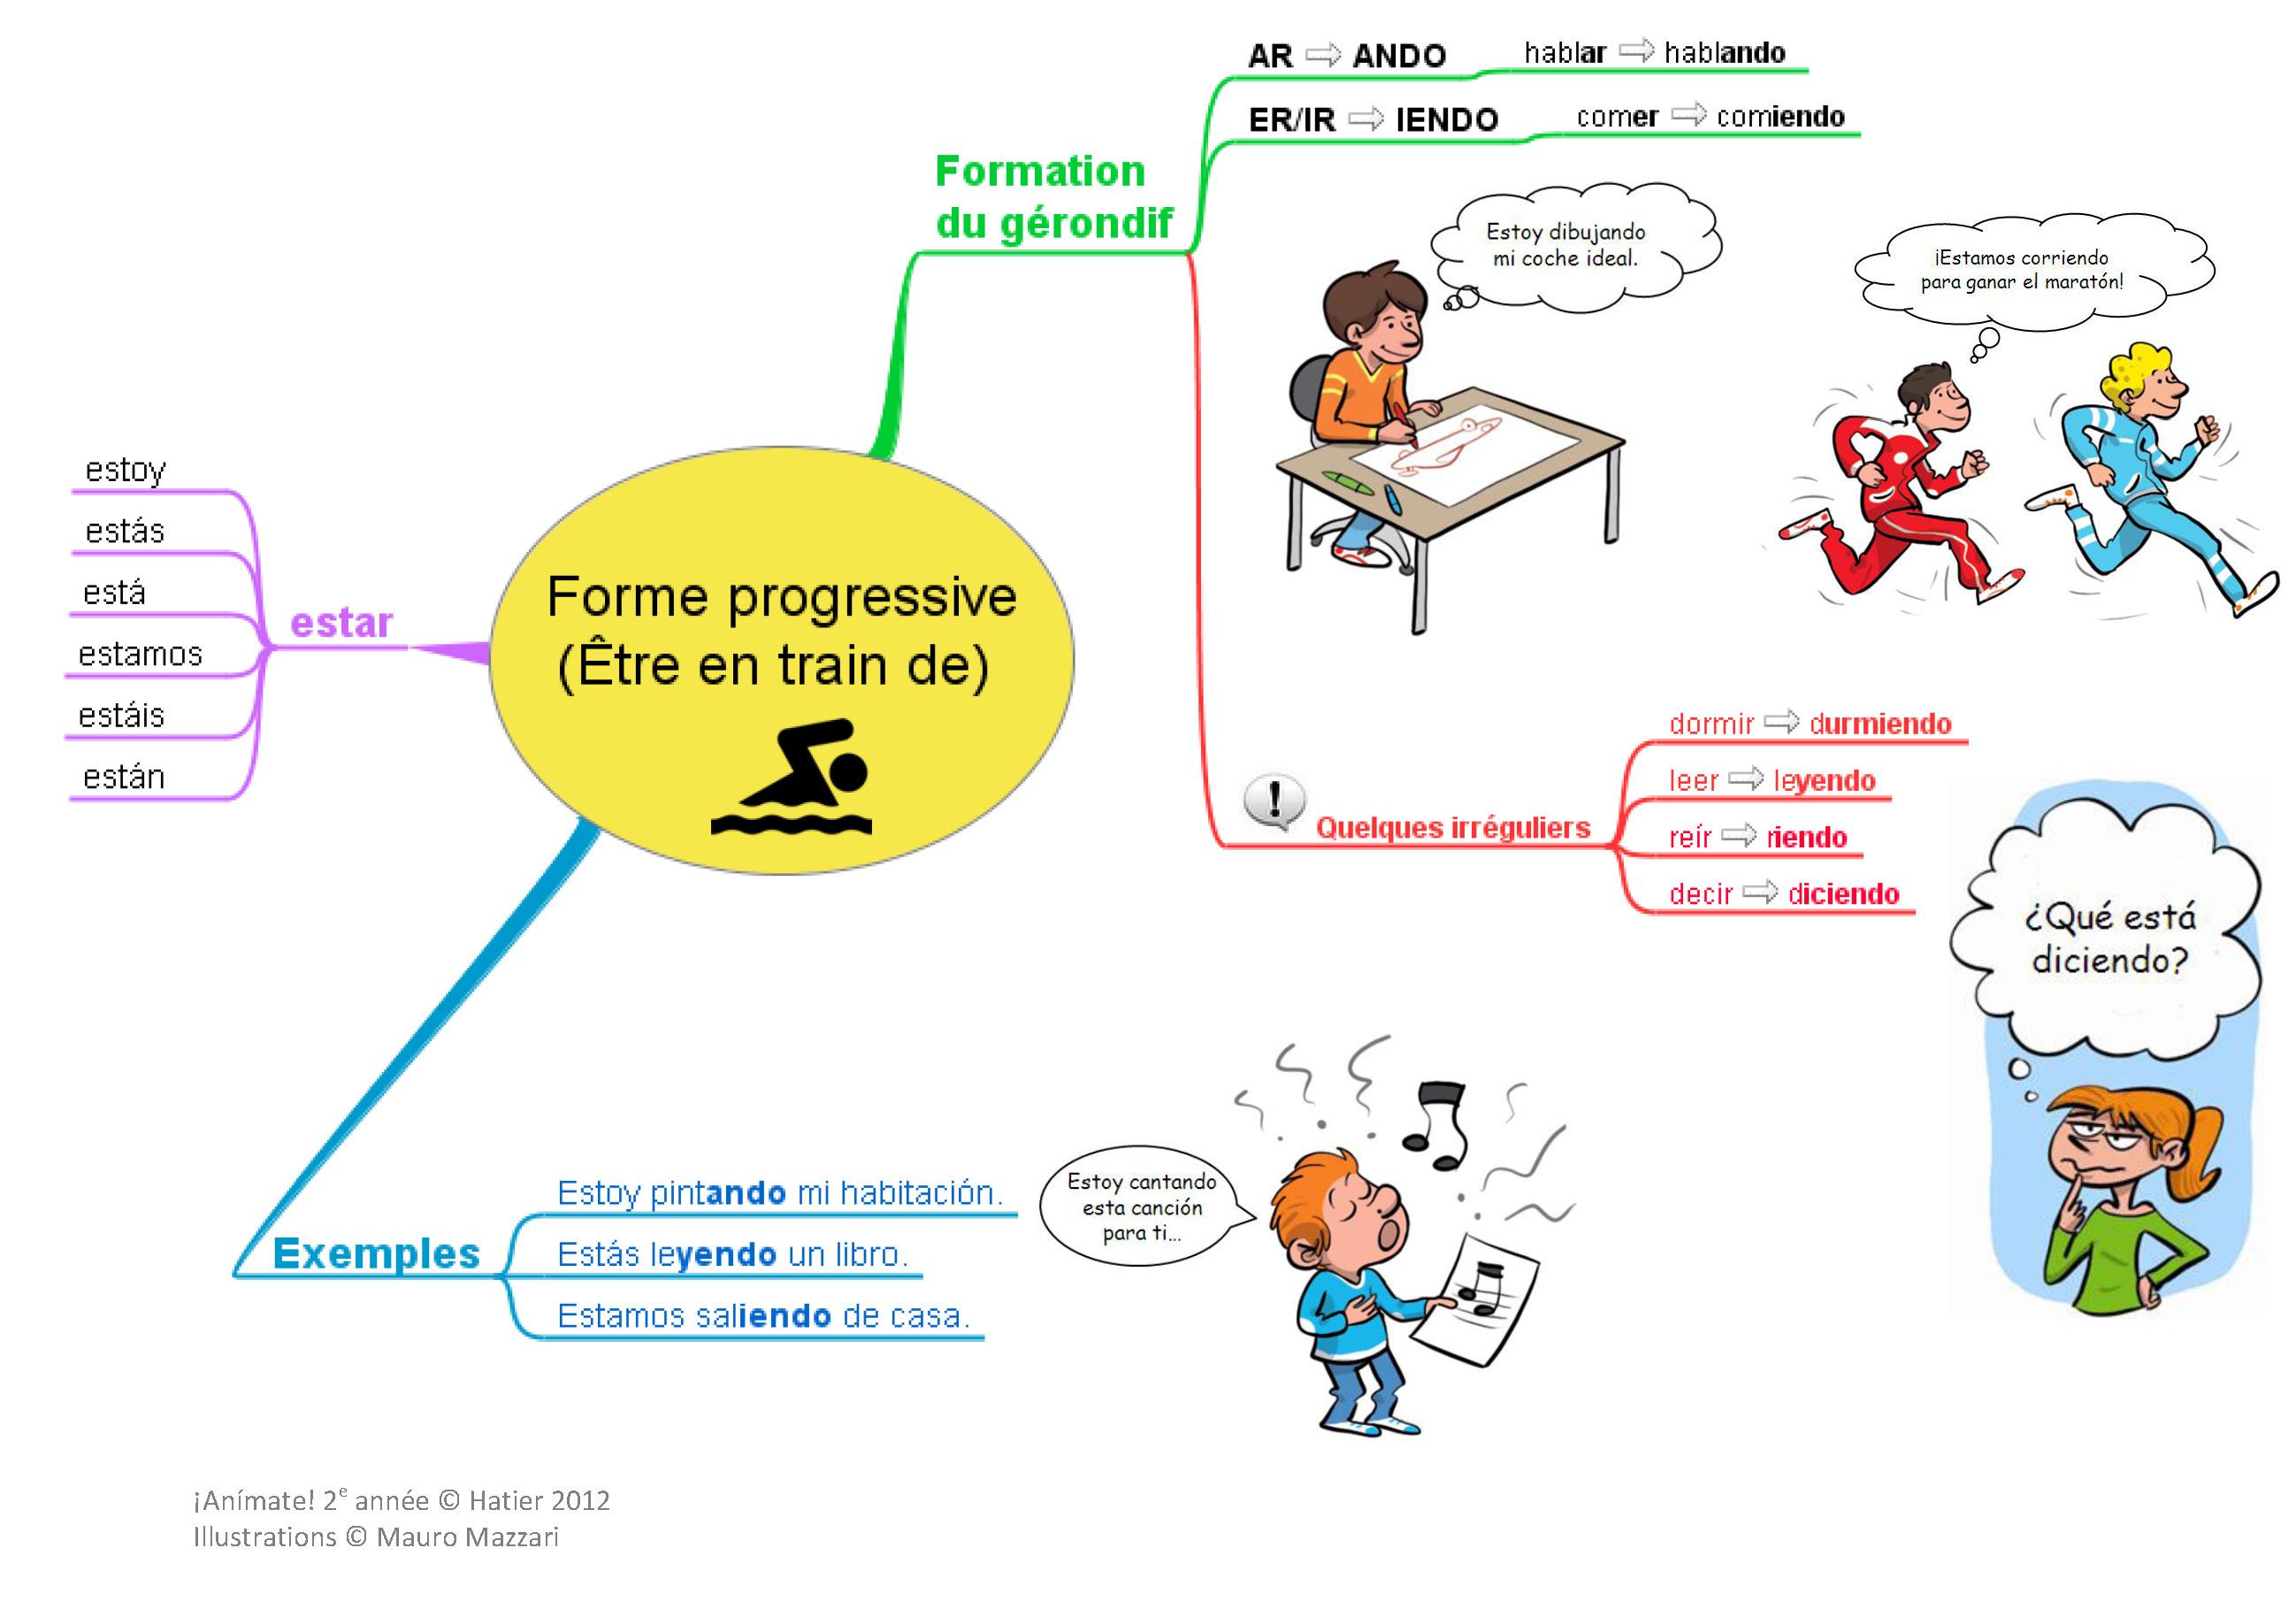 Espagnol Et Anglais La Forme Progressive Etre En Train De Fantadys